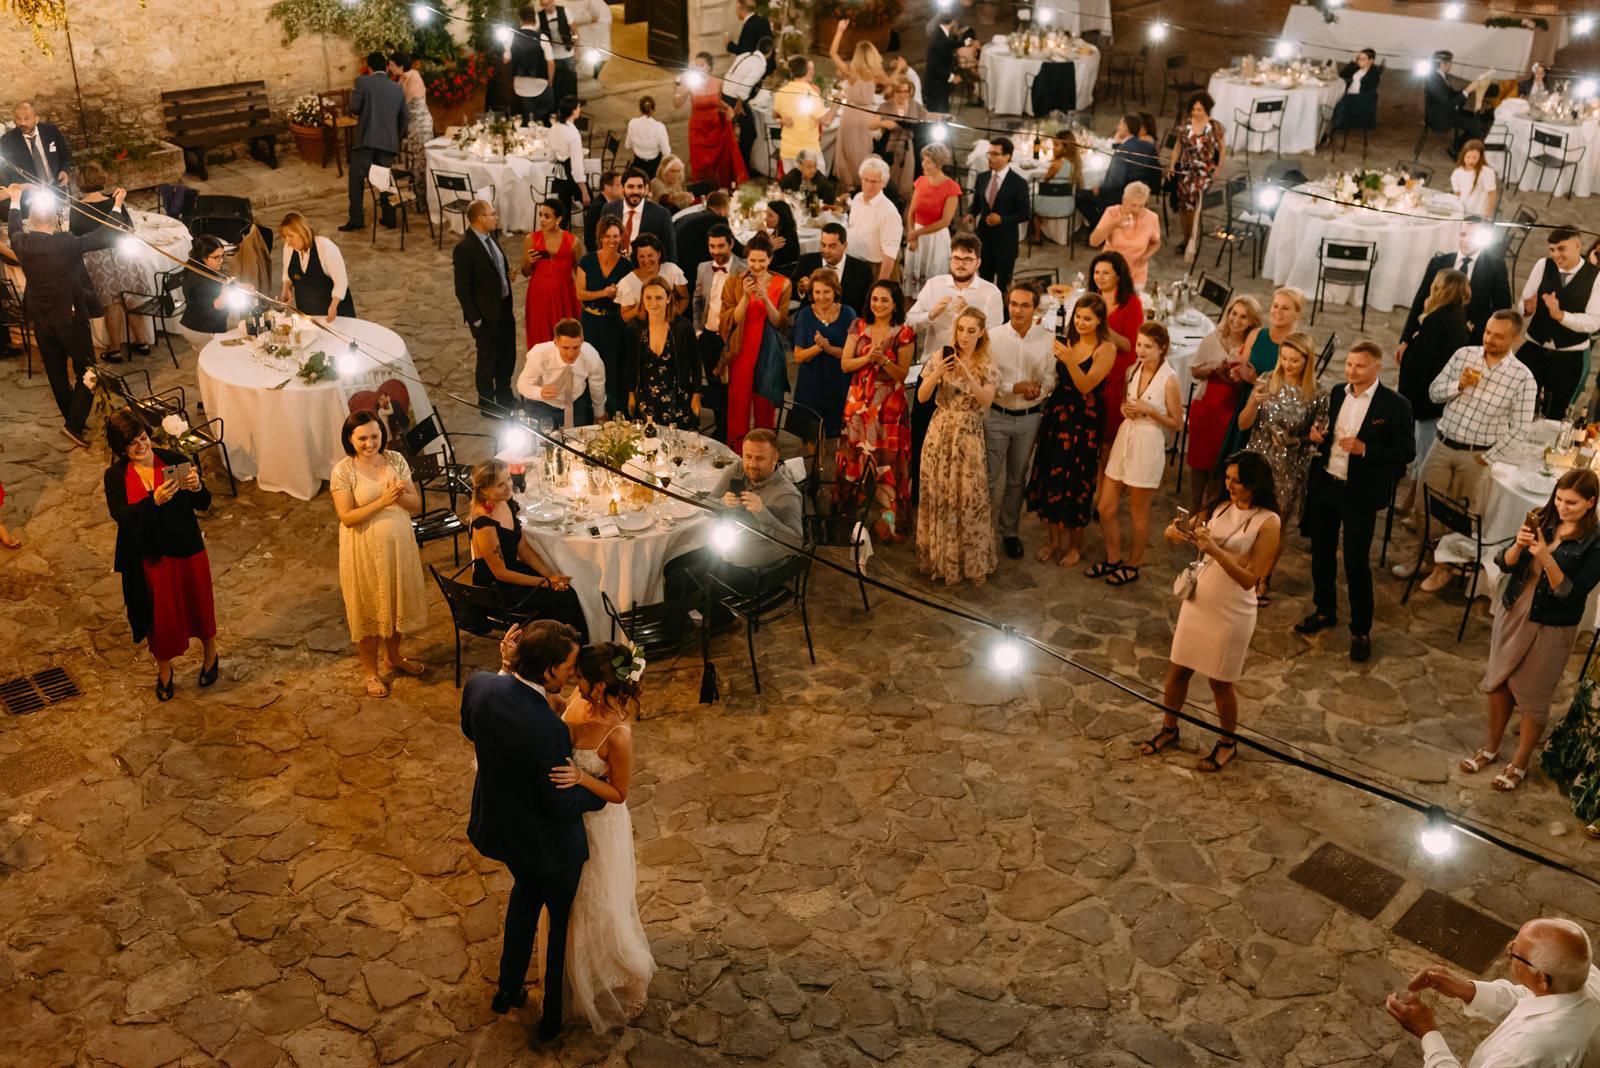 pierwszy taniec pary młodej na weselu we Włoszech